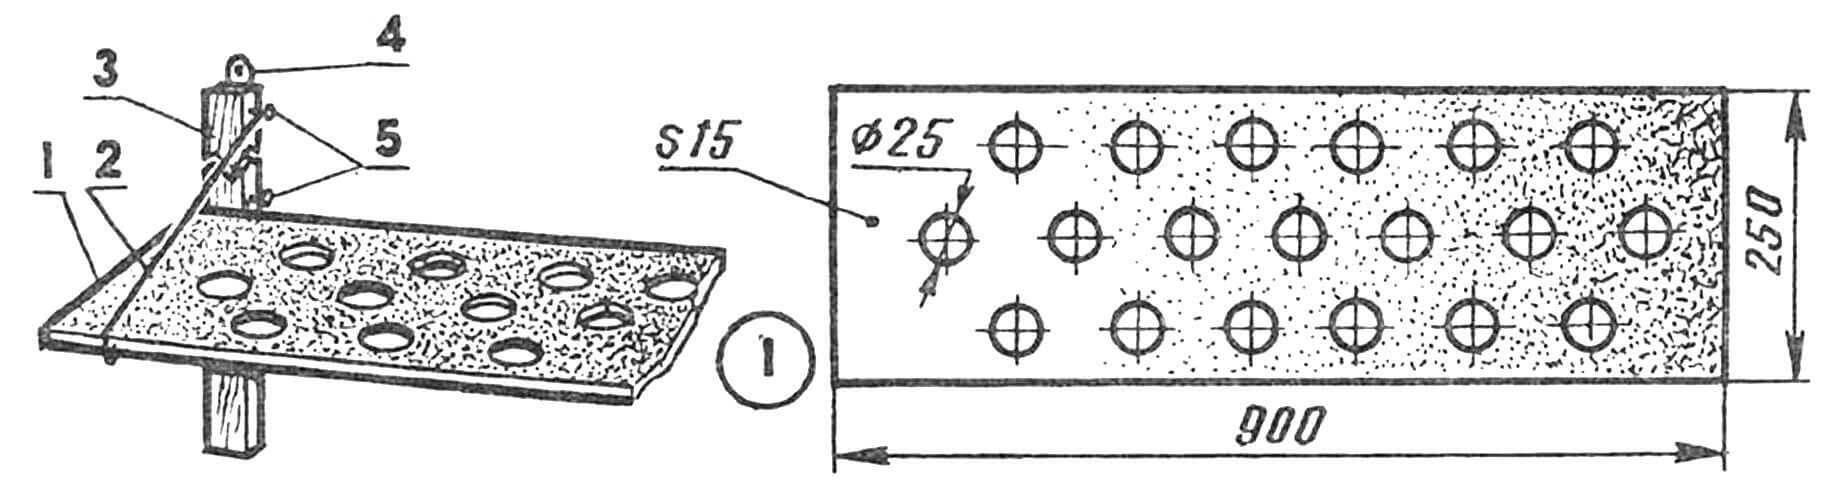 Сплошная деревянная полочка: 1 — горизонтальная панель (из досок или ДСП), 2 — проволочный кронштейн, 3 — вертикальный брус, 4 — петля подвески, 5 — шурупы.